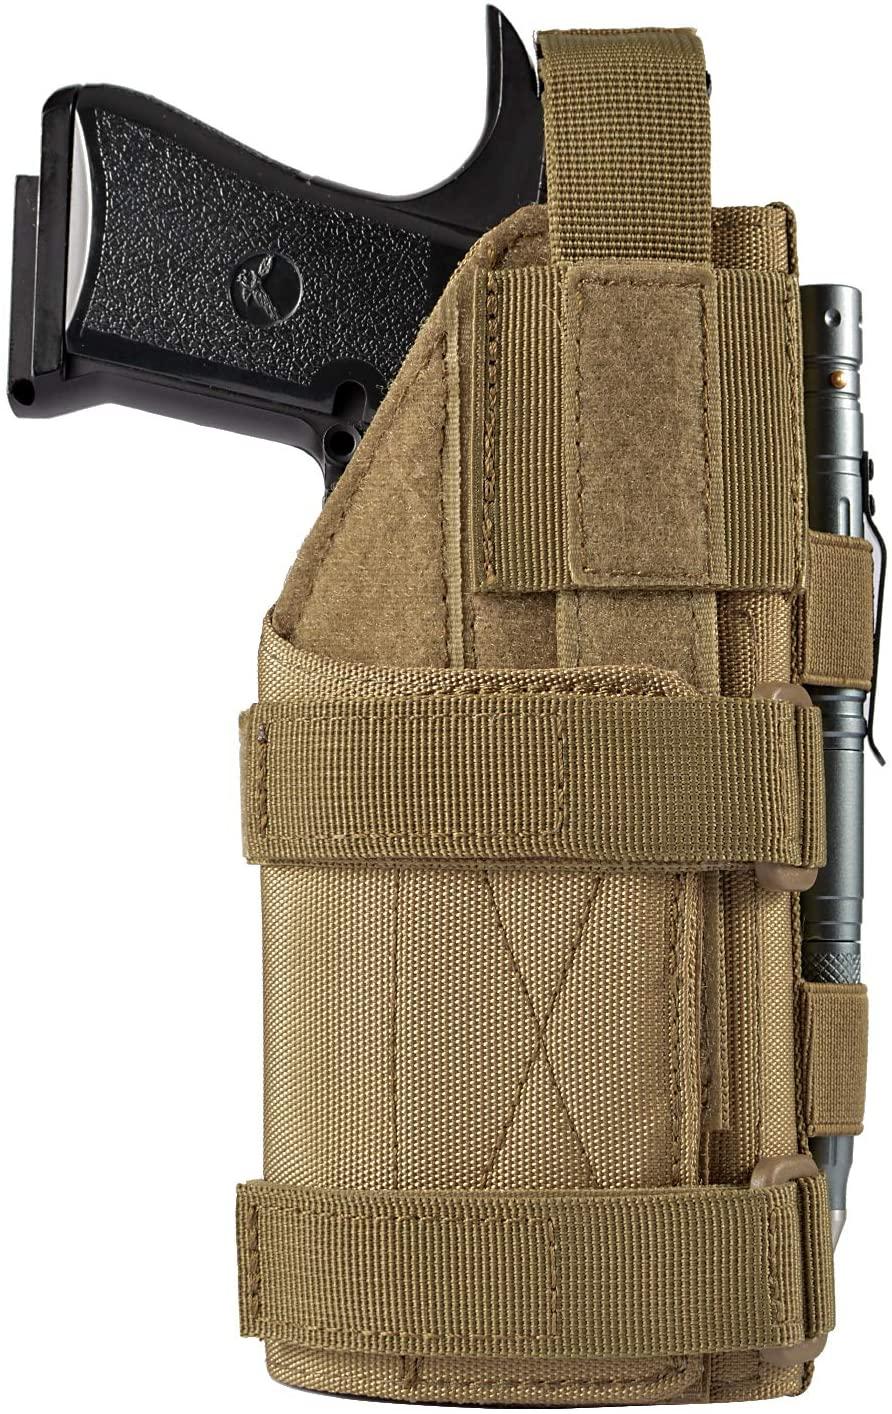 FRTKK Adjustable Tactical Pistol/Gun Holster for 1911, Ruger LCP, S&W M&P 40 Shield Bodyguard, Sig Sauer, Ruger, Kahr, Beretta, Glock 17 19 26 34